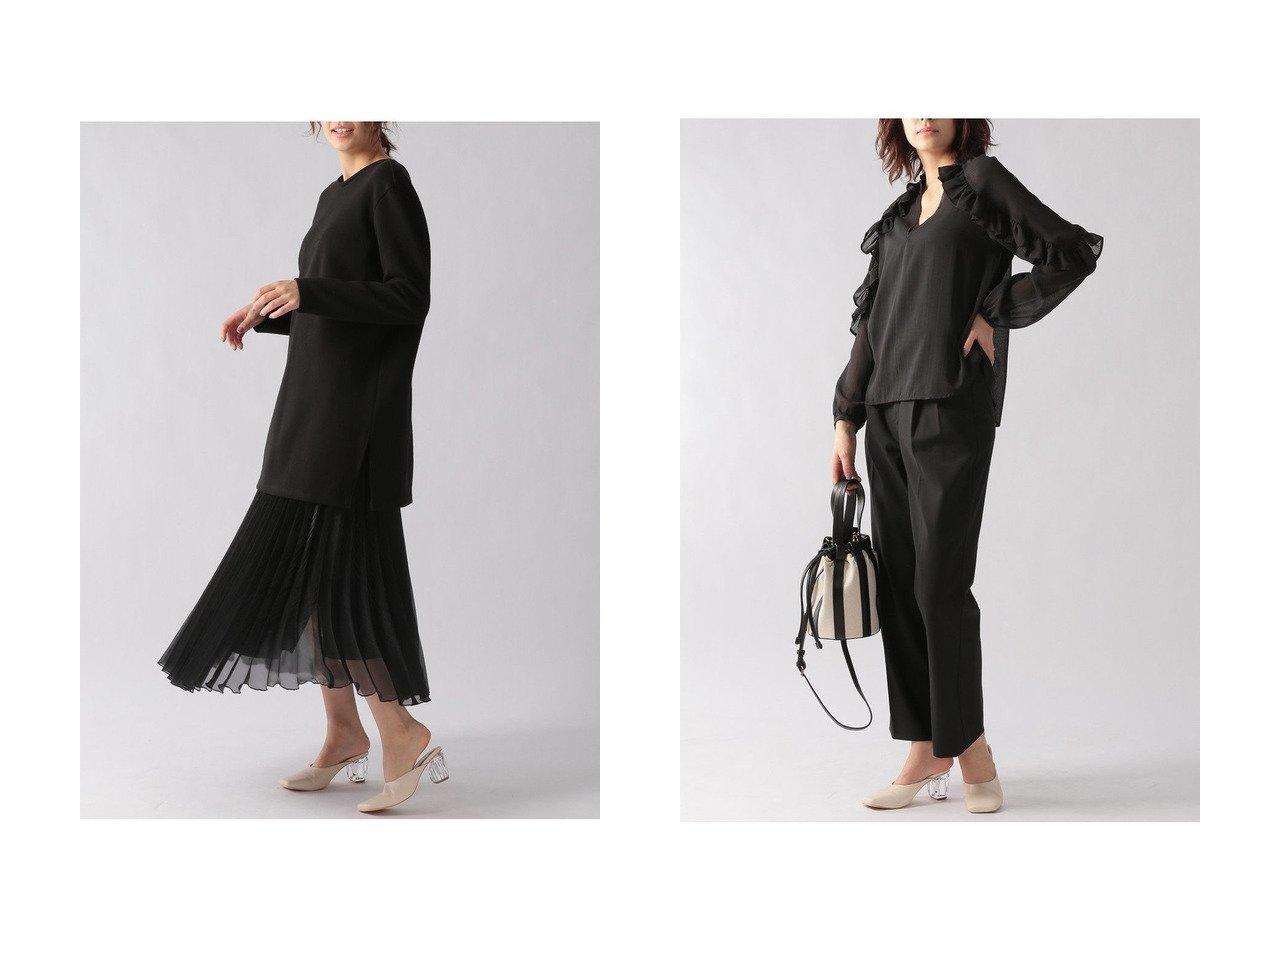 【Ezick/エジック】のバックレースアップカットプルオーバー&フリルストライプブラウス 【トップス・カットソー】おすすめ!人気、トレンド・レディースファッションの通販 おすすめで人気の流行・トレンド、ファッションの通販商品 メンズファッション・キッズファッション・インテリア・家具・レディースファッション・服の通販 founy(ファニー) https://founy.com/ ファッション Fashion レディースファッション WOMEN トップス・カットソー Tops/Tshirt シャツ/ブラウス Shirts/Blouses ロング / Tシャツ T-Shirts プルオーバー Pullover カットソー Cut and Sewn 2021年 2021 2021春夏・S/S SS/Spring/Summer/2021 S/S・春夏 SS・Spring/Summer おすすめ Recommend エアリー ストライプ スリーブ バランス フリル ロング 春 Spring |ID:crp329100000028762